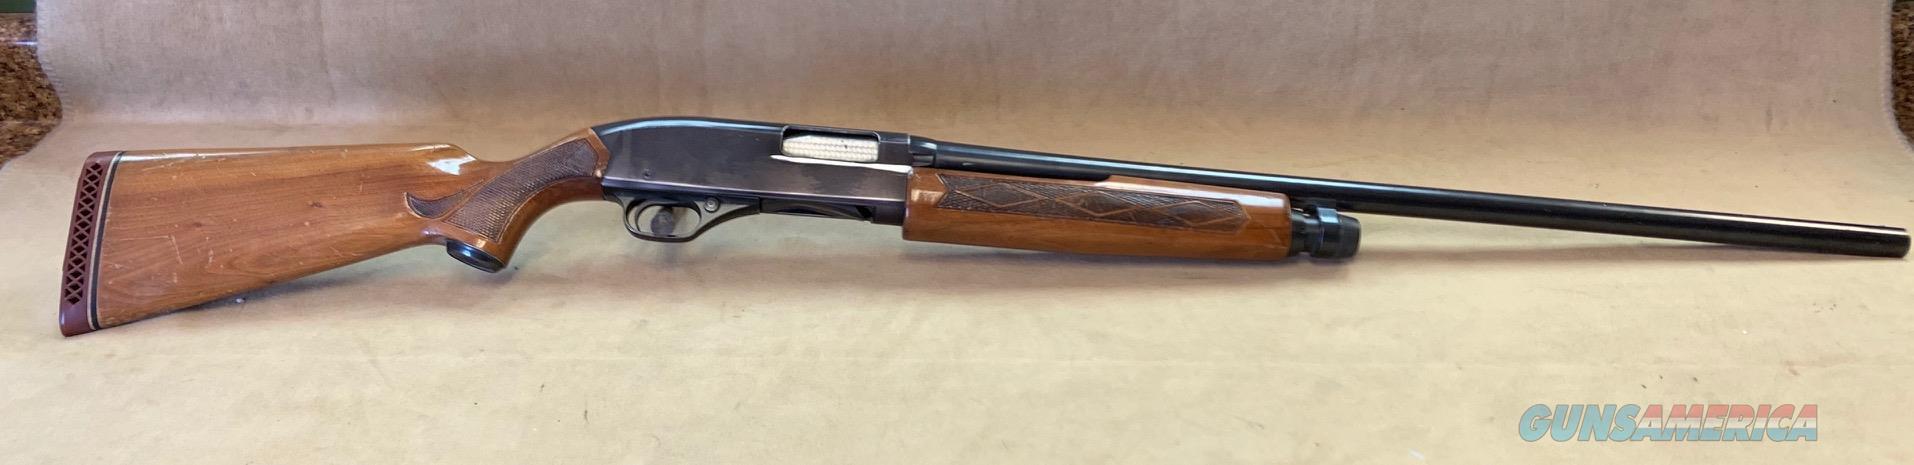 Winchester 1200 12 gauge Consignment  Guns > Shotguns > Winchester Shotguns - Modern > Pump Action > Hunting